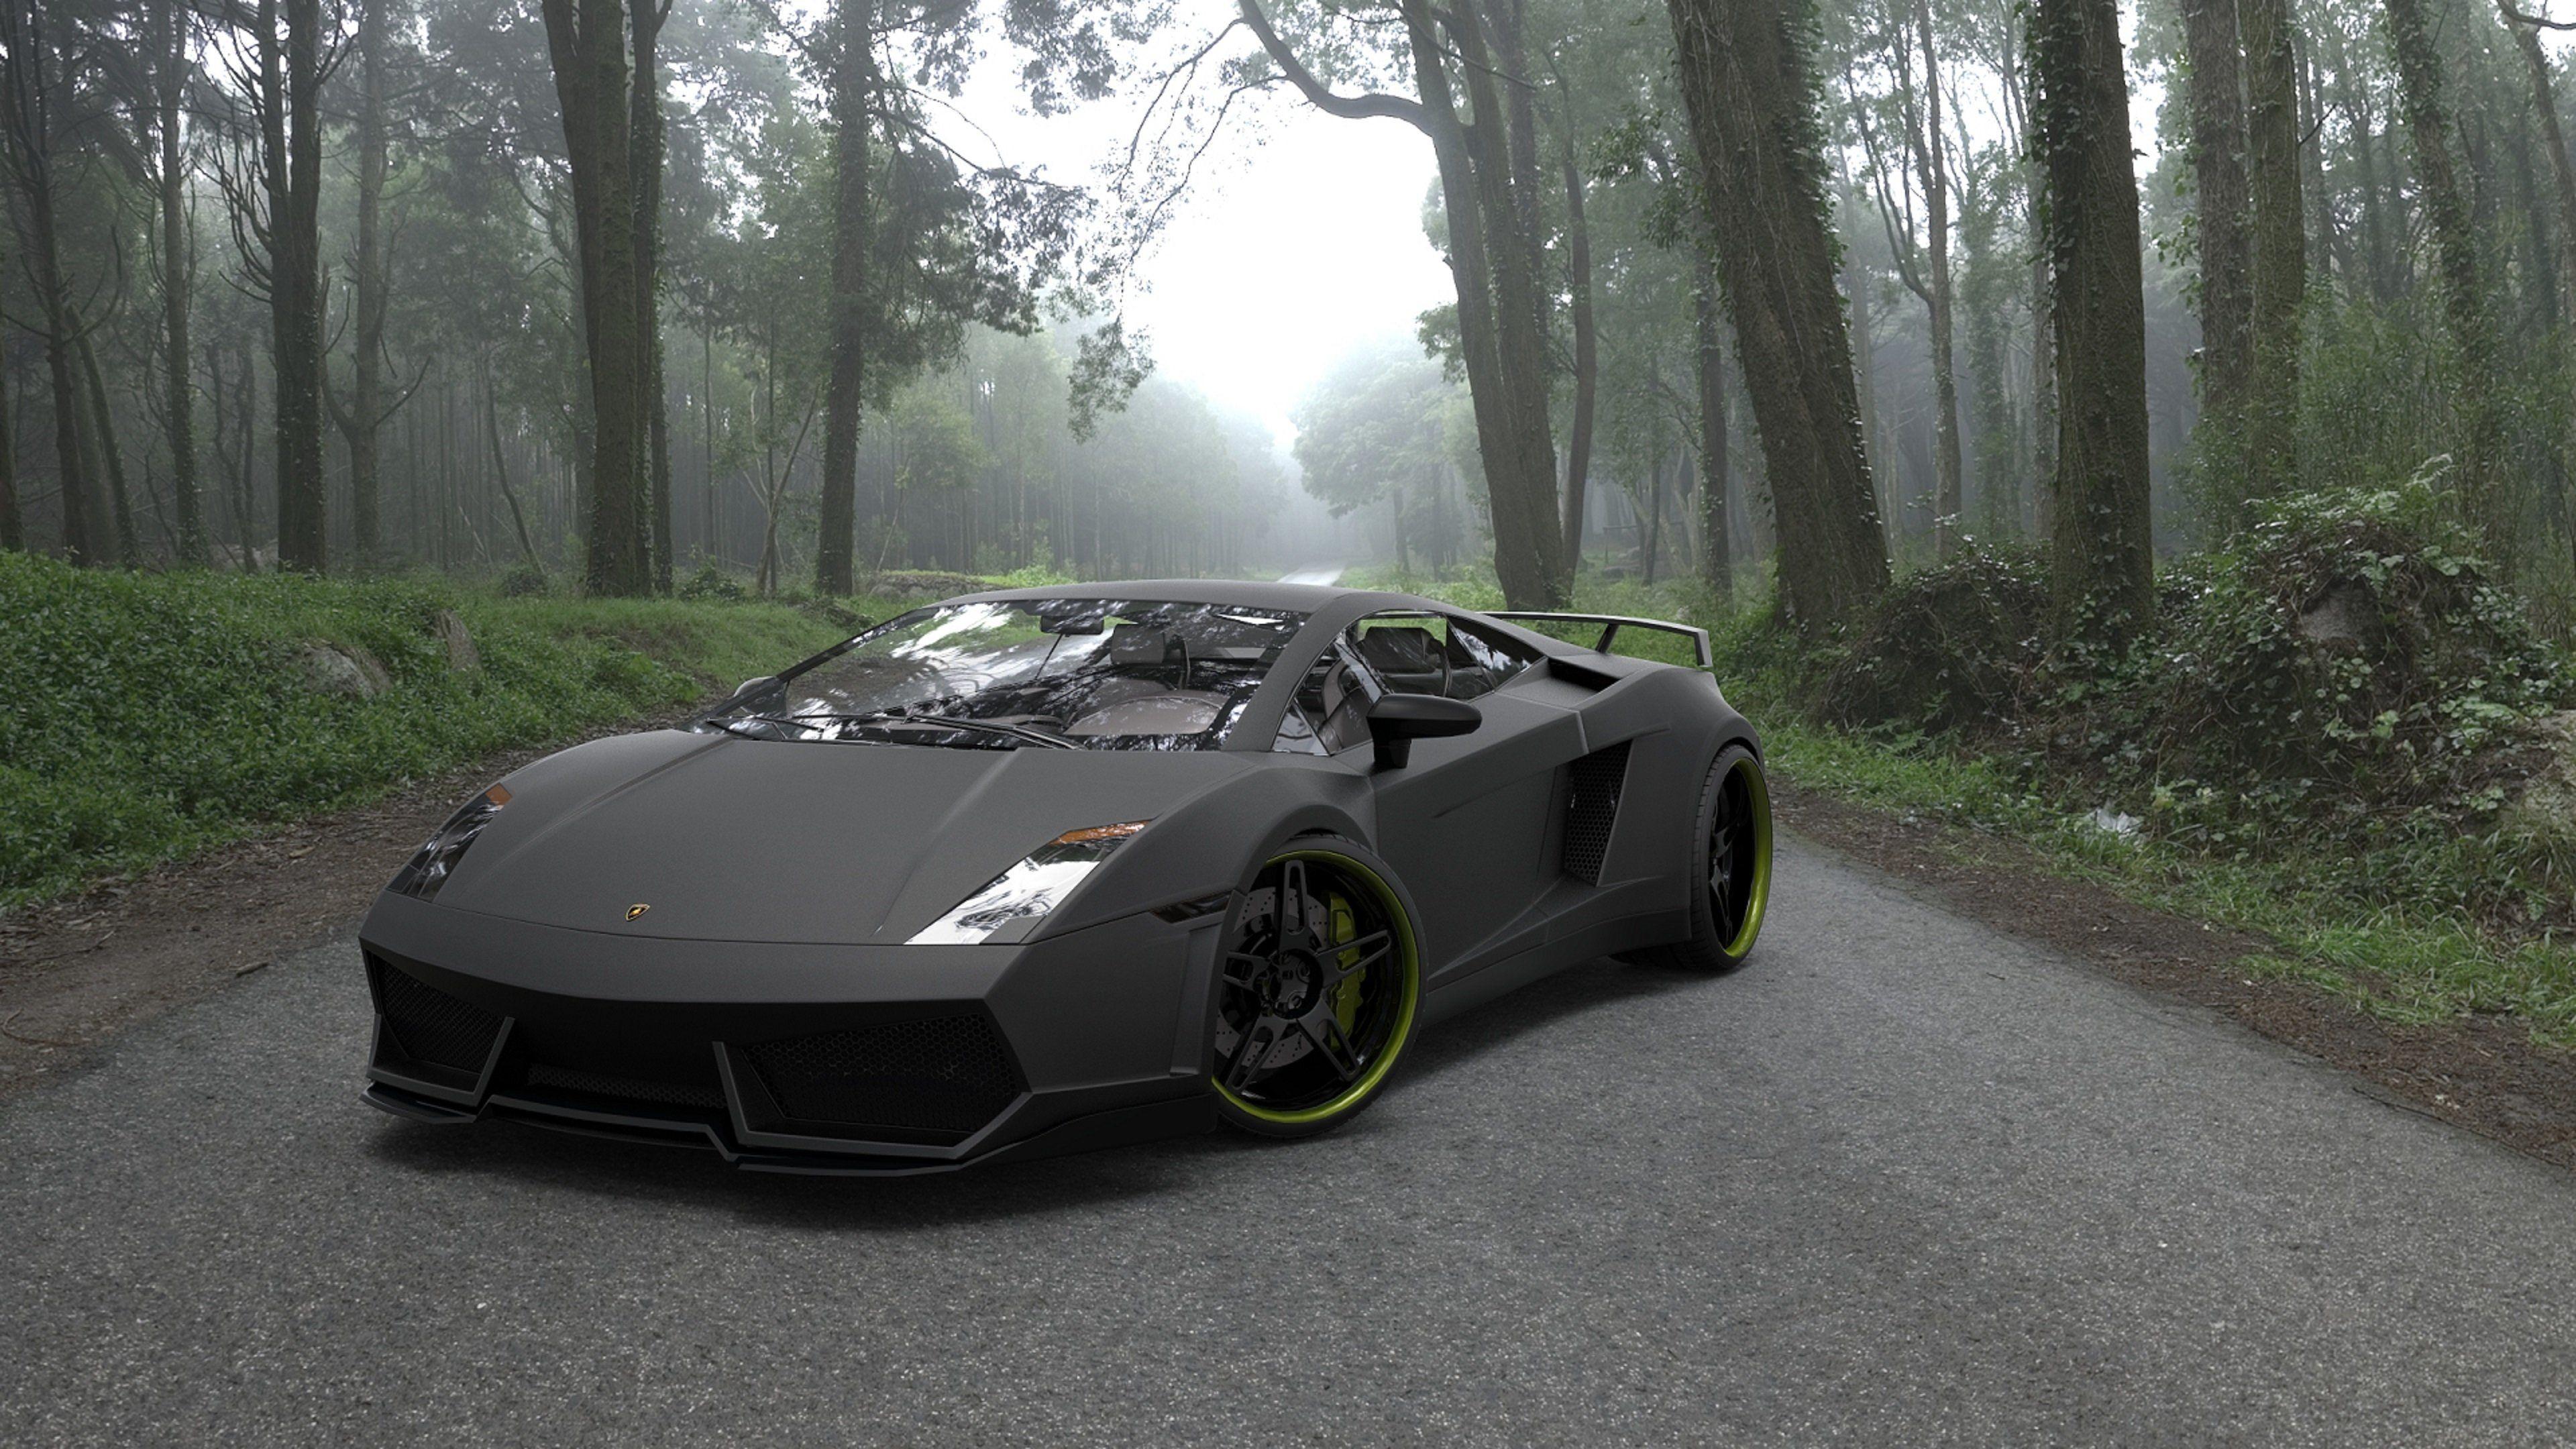 Res: 3840x2160, Black Ferrari Wallpaper #2dB